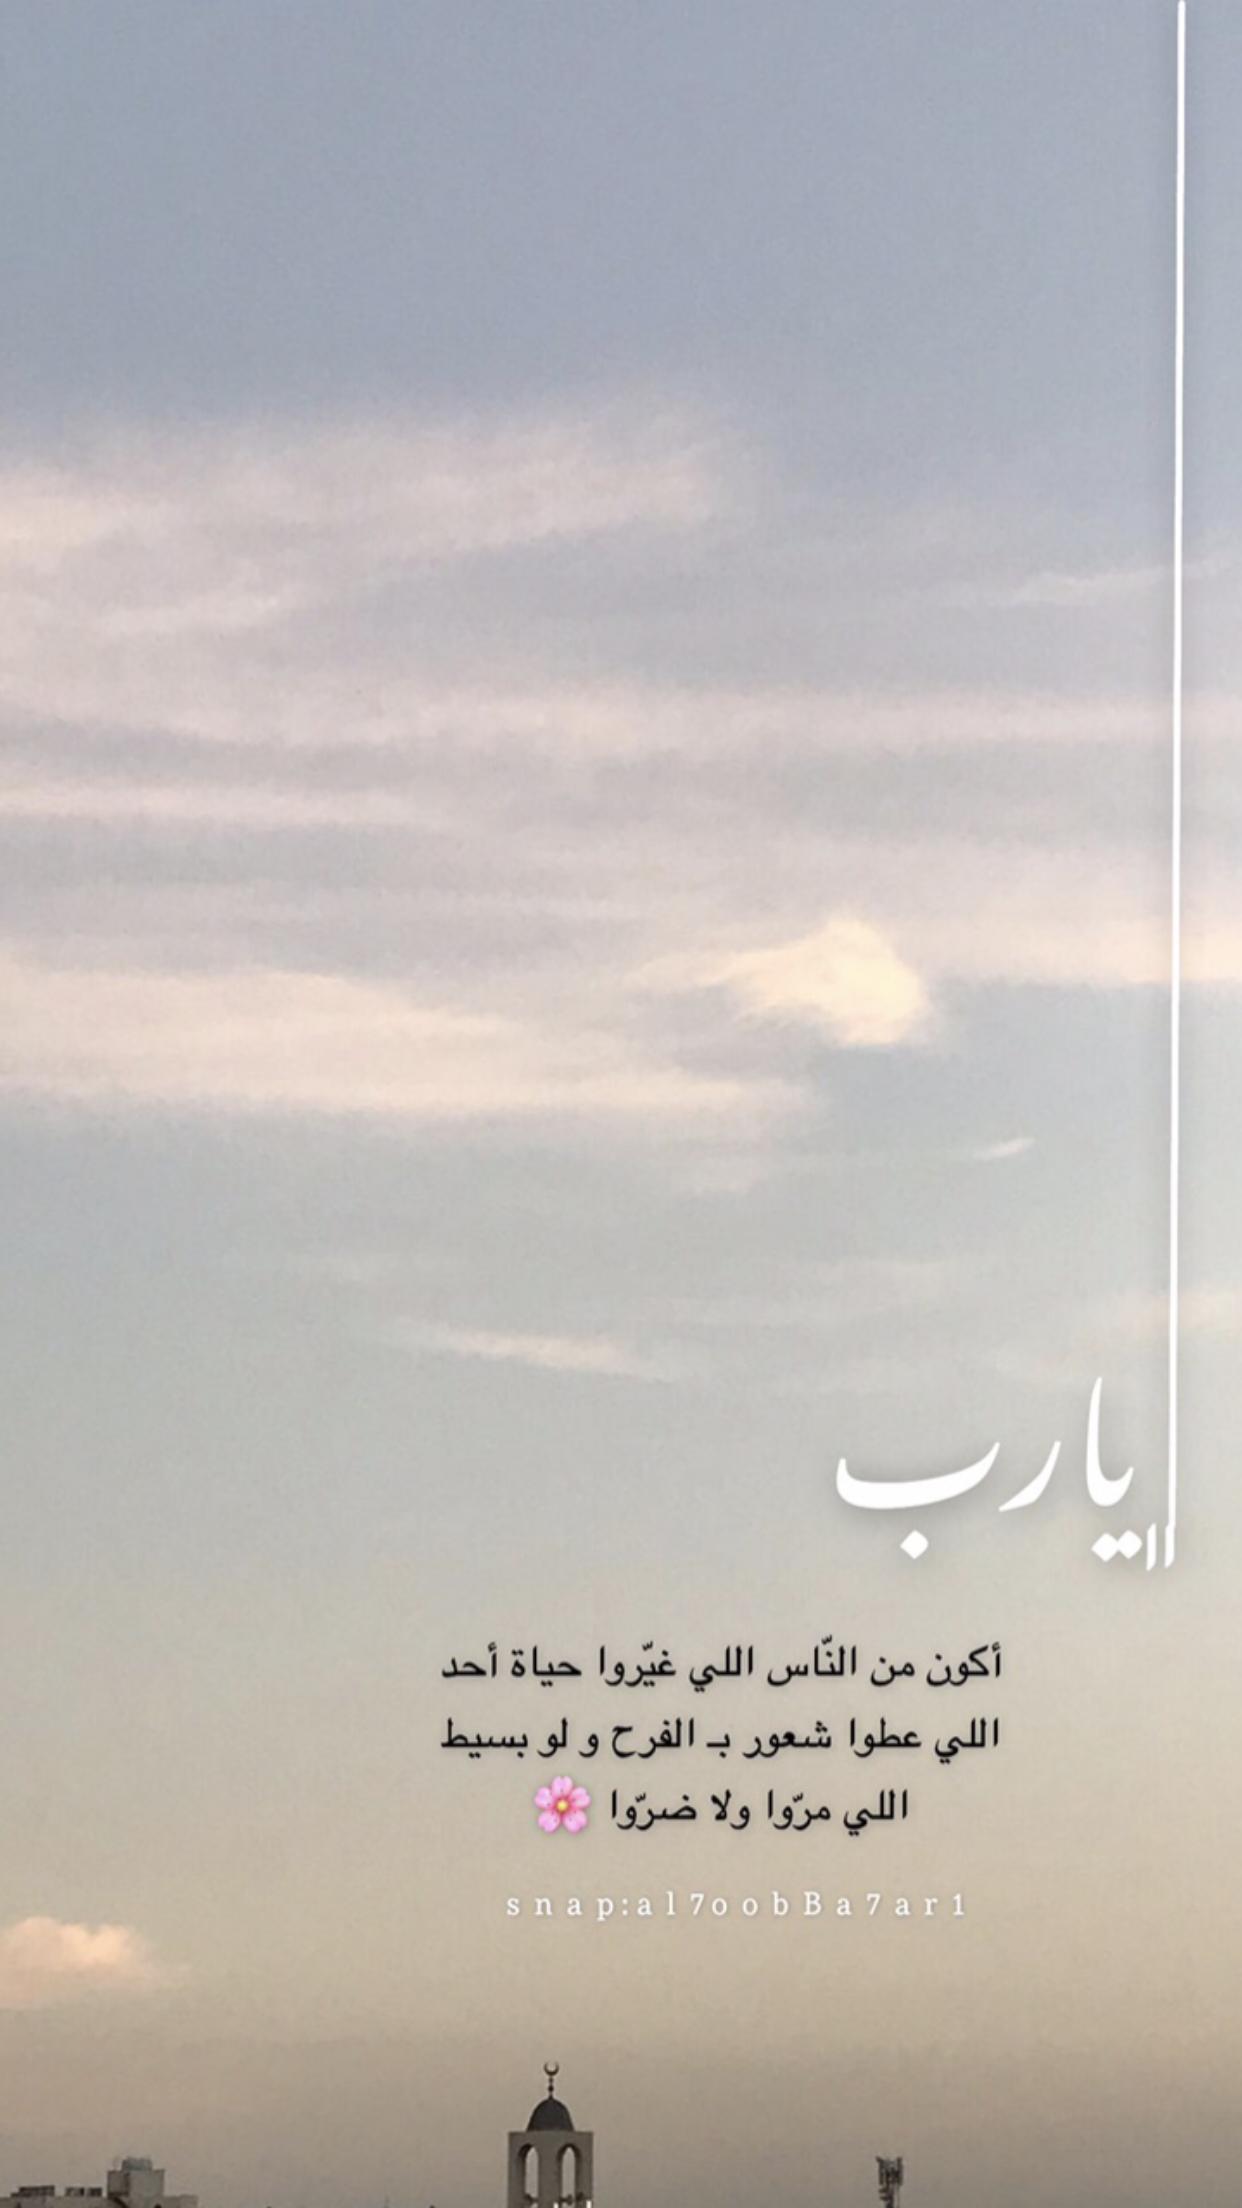 همسة يارب أكون من الن اس اللي غي روا حياة أحد اللي عطوا شعور بـ الفرح و لو بسيط اللي مر وا Islamic Inspirational Quotes Quran Quotes Love Alive Quotes